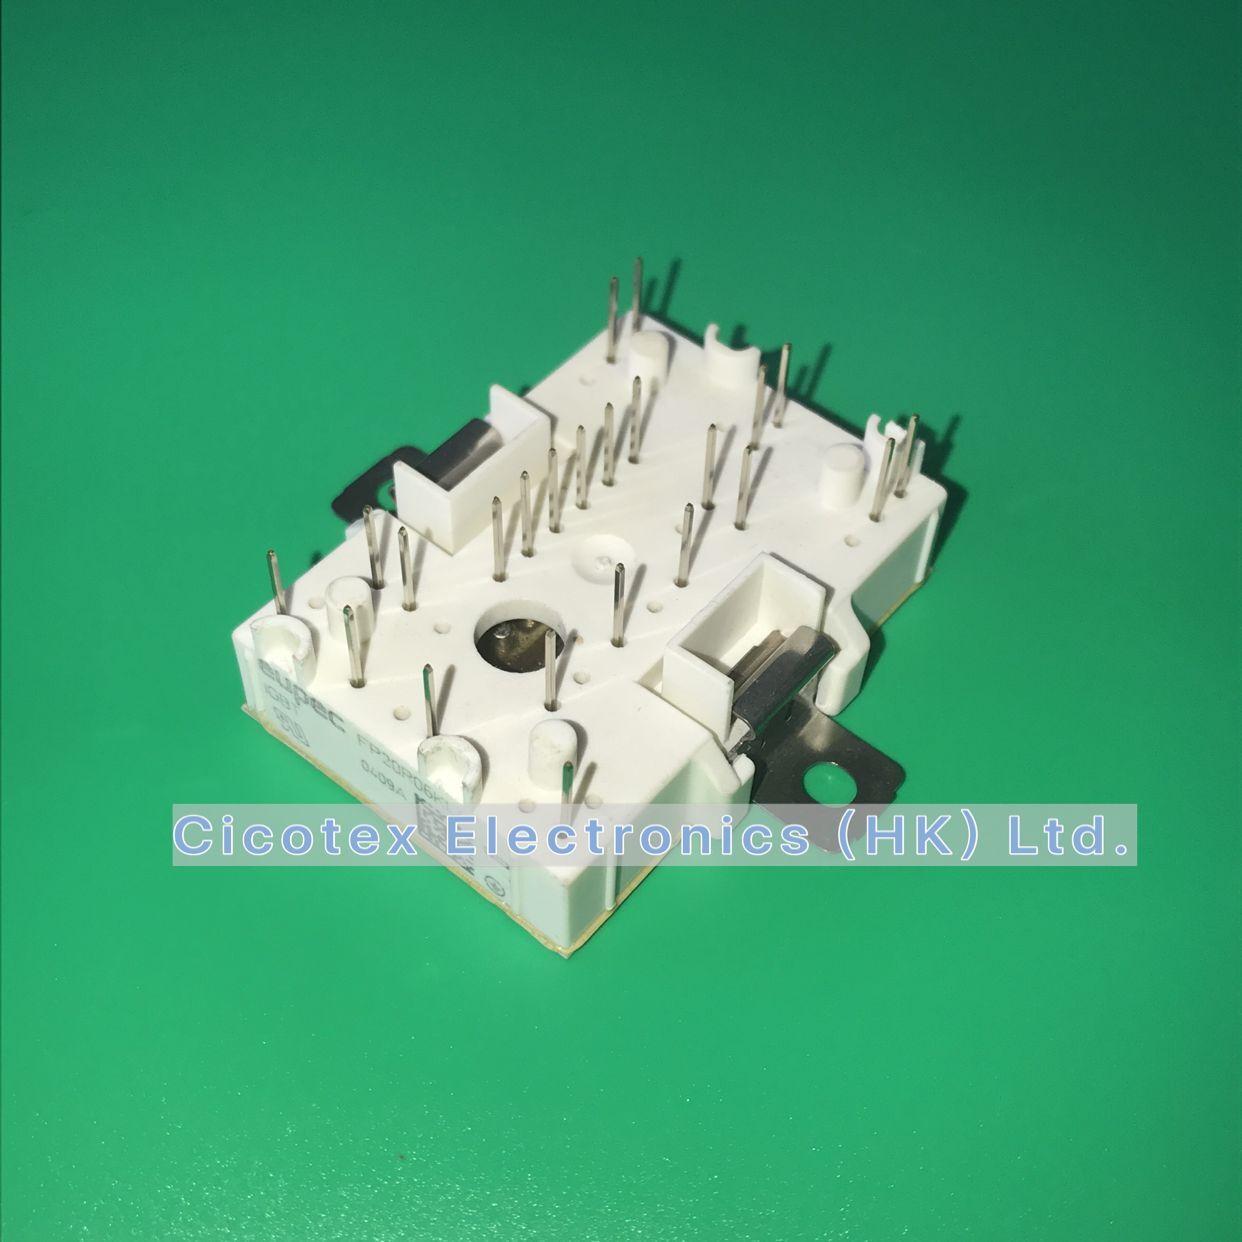 FP20R06KL4 Module IGBT FP20 R06KL4 MOD LOW PWR EASY2-1 FP20R06KL4BOMA1 FP20R 06KL4